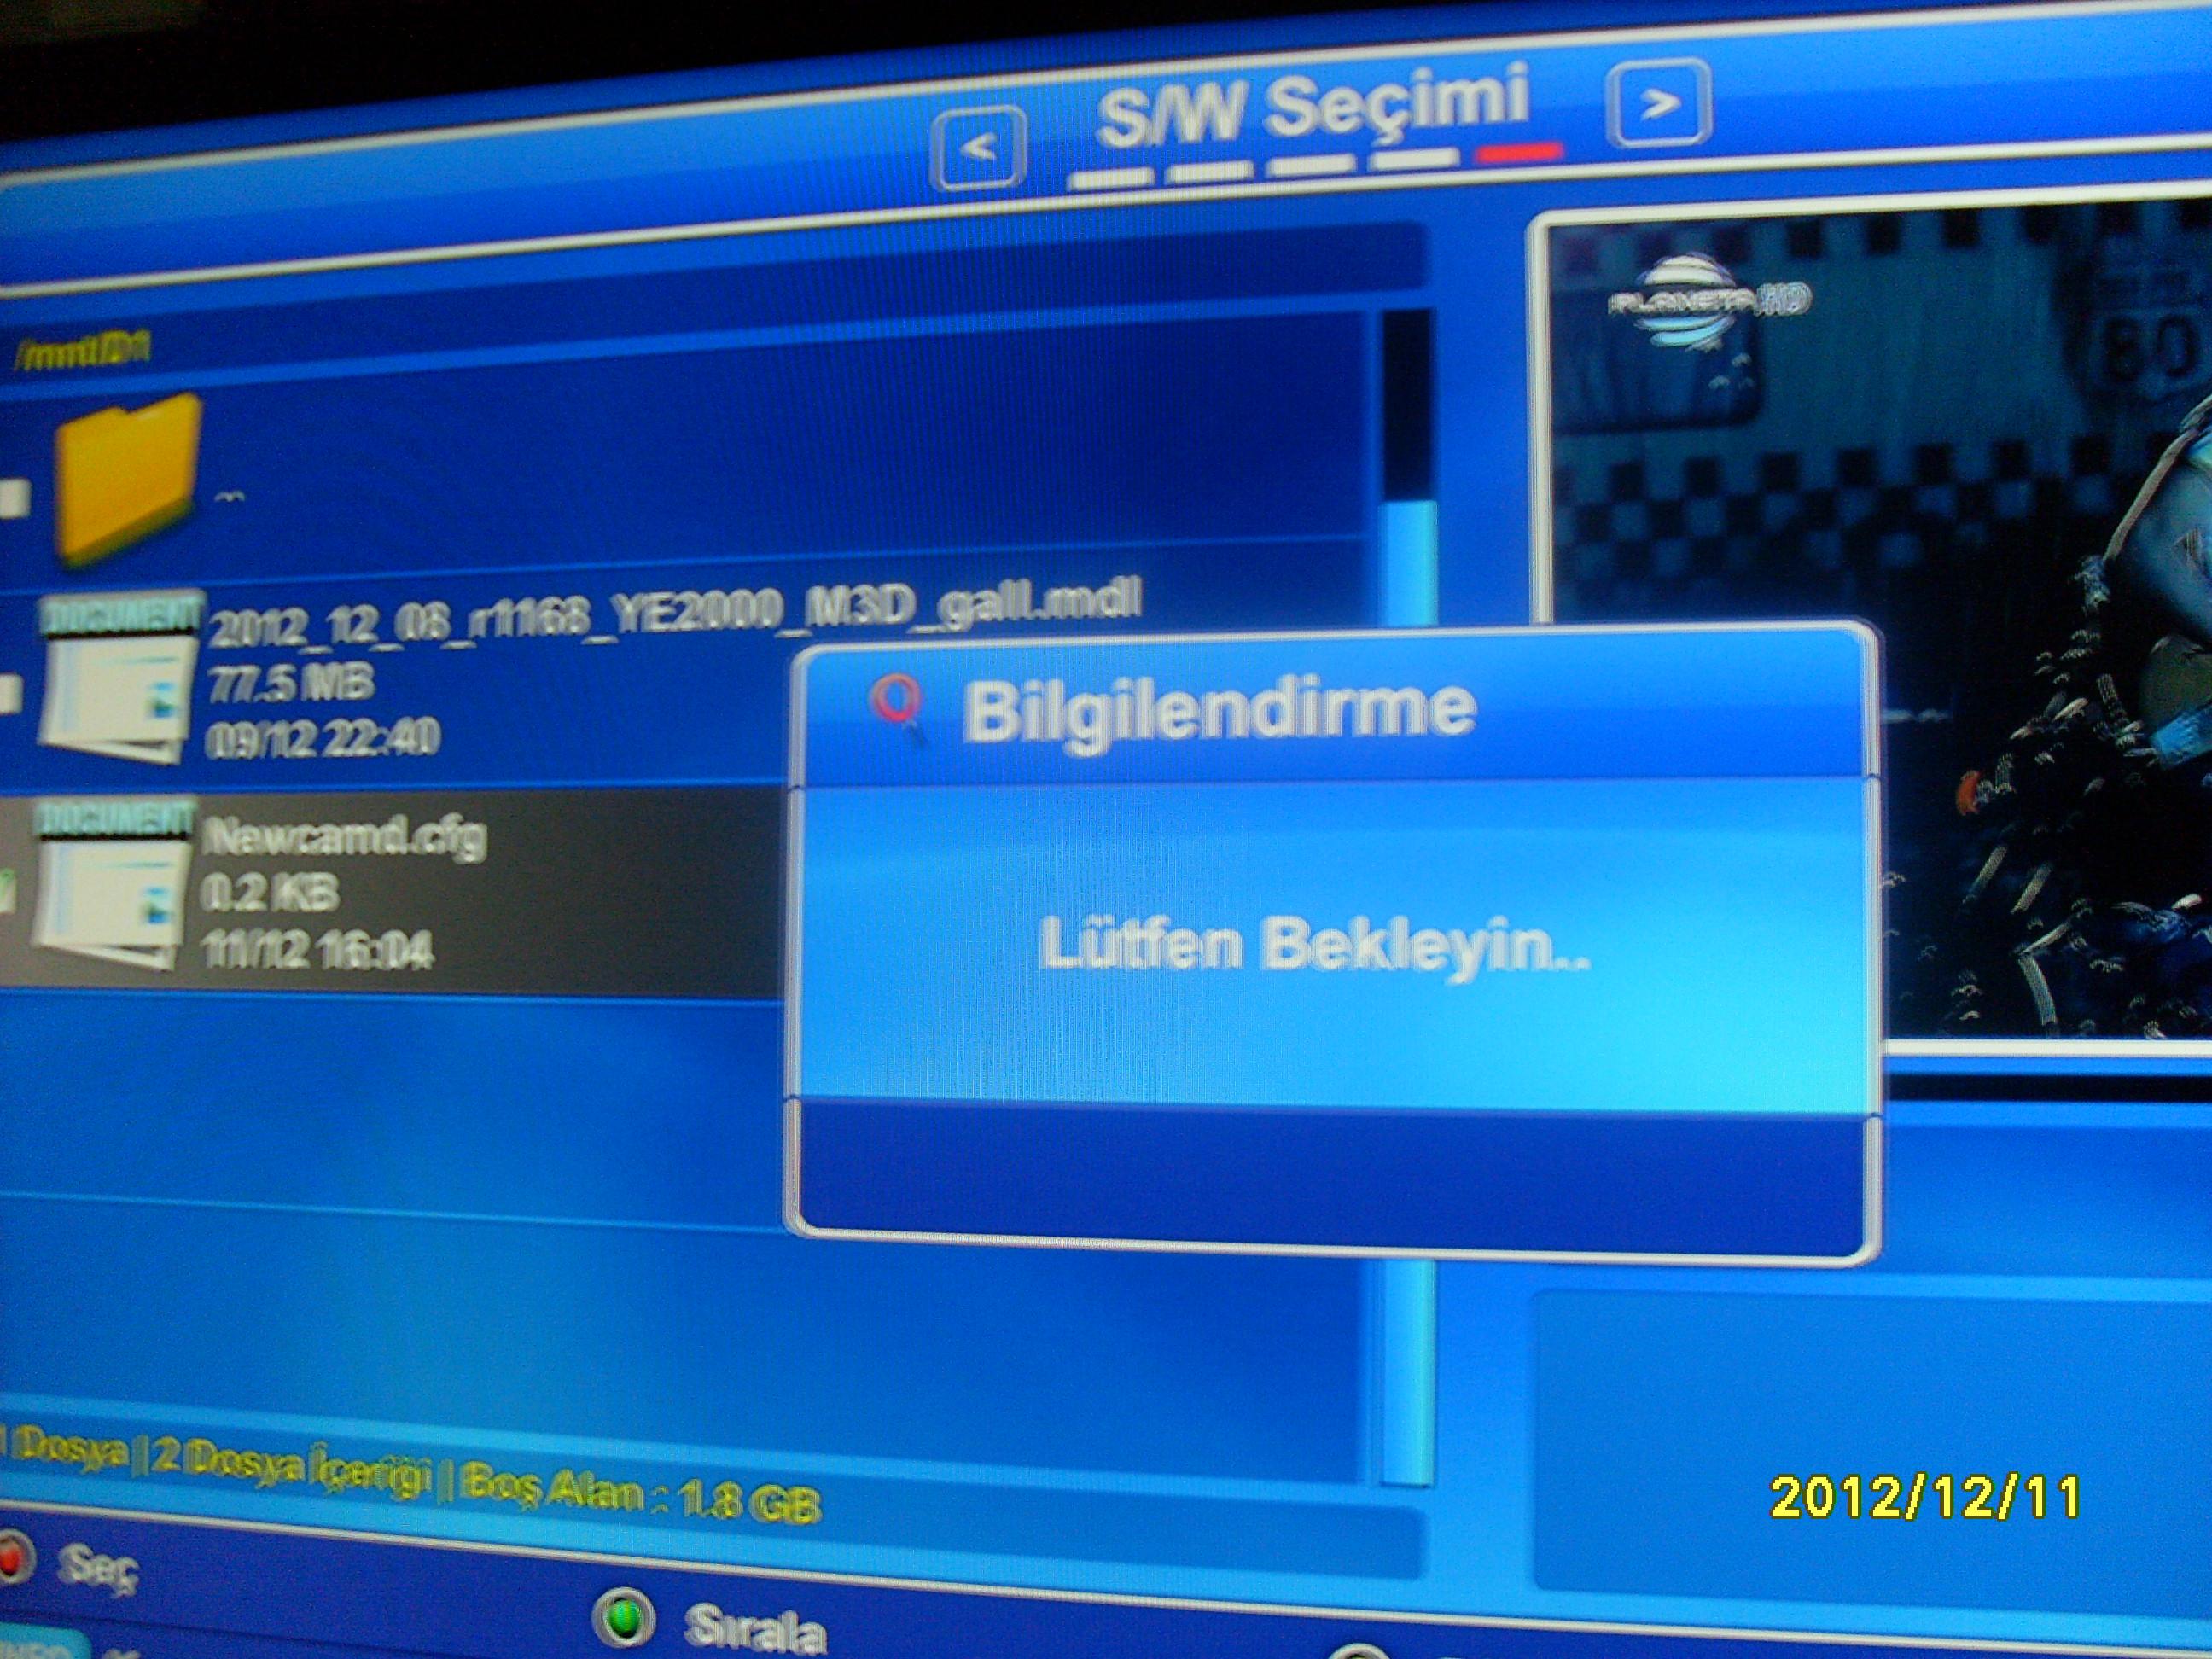 244324229_SL375438_122_361lo.JPG